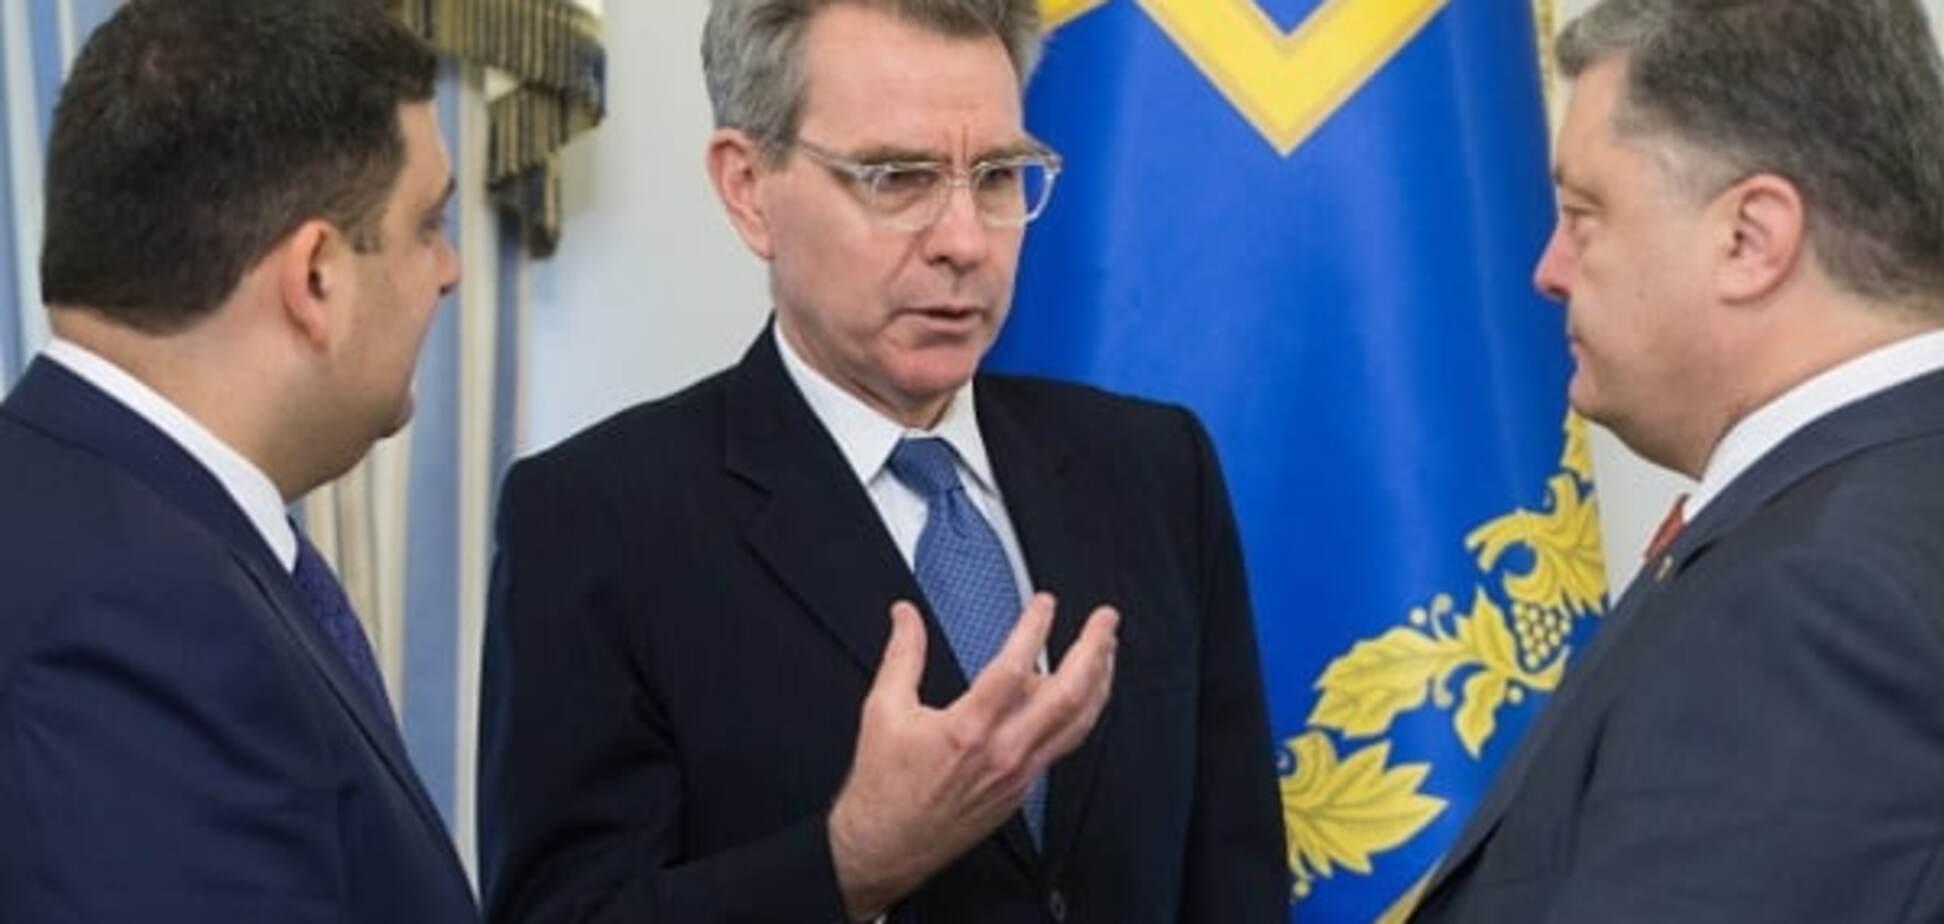 Владимир Гройсман, Джеффри Пайетт и Петр Порошенко